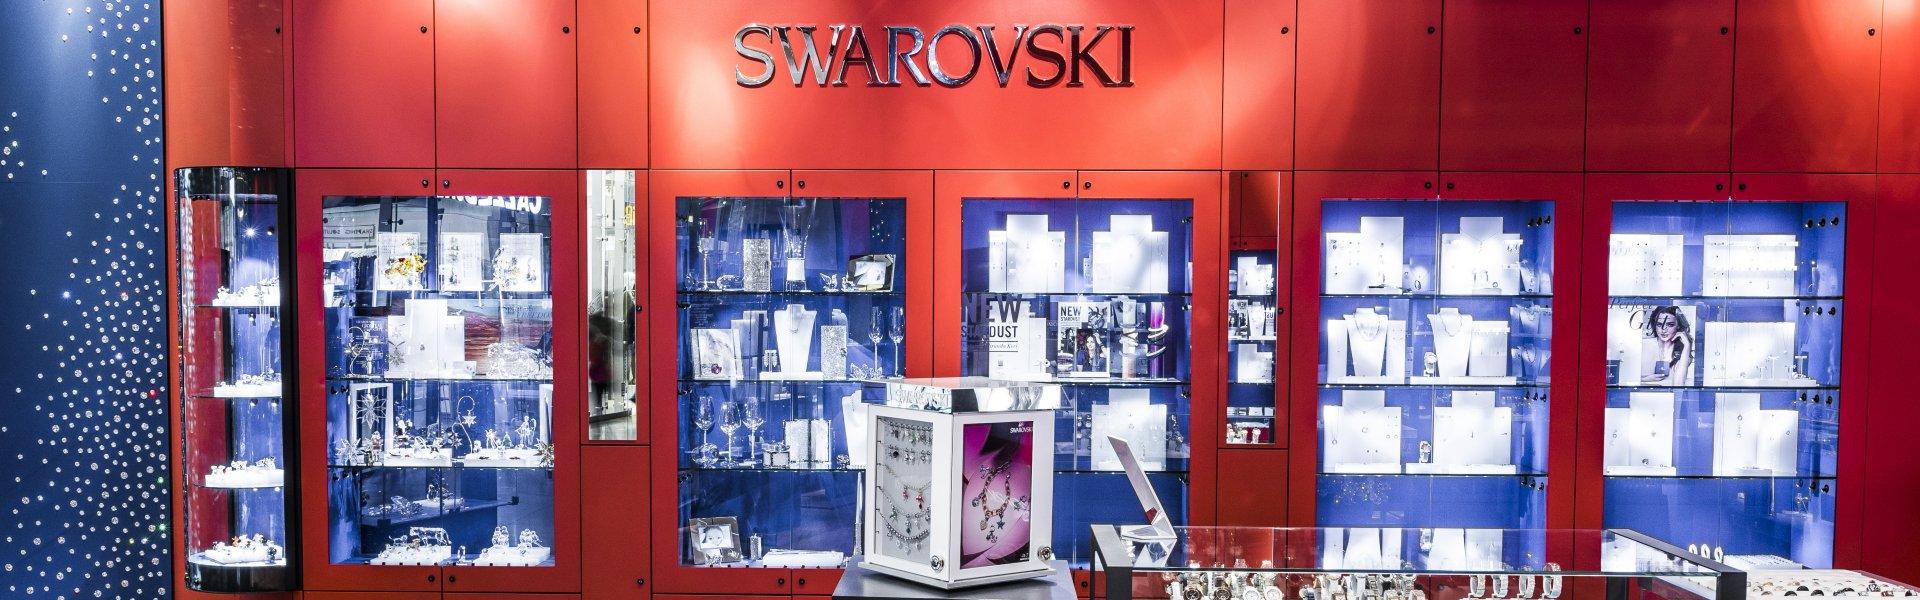 Swarovski We Accept Gift Vouchers